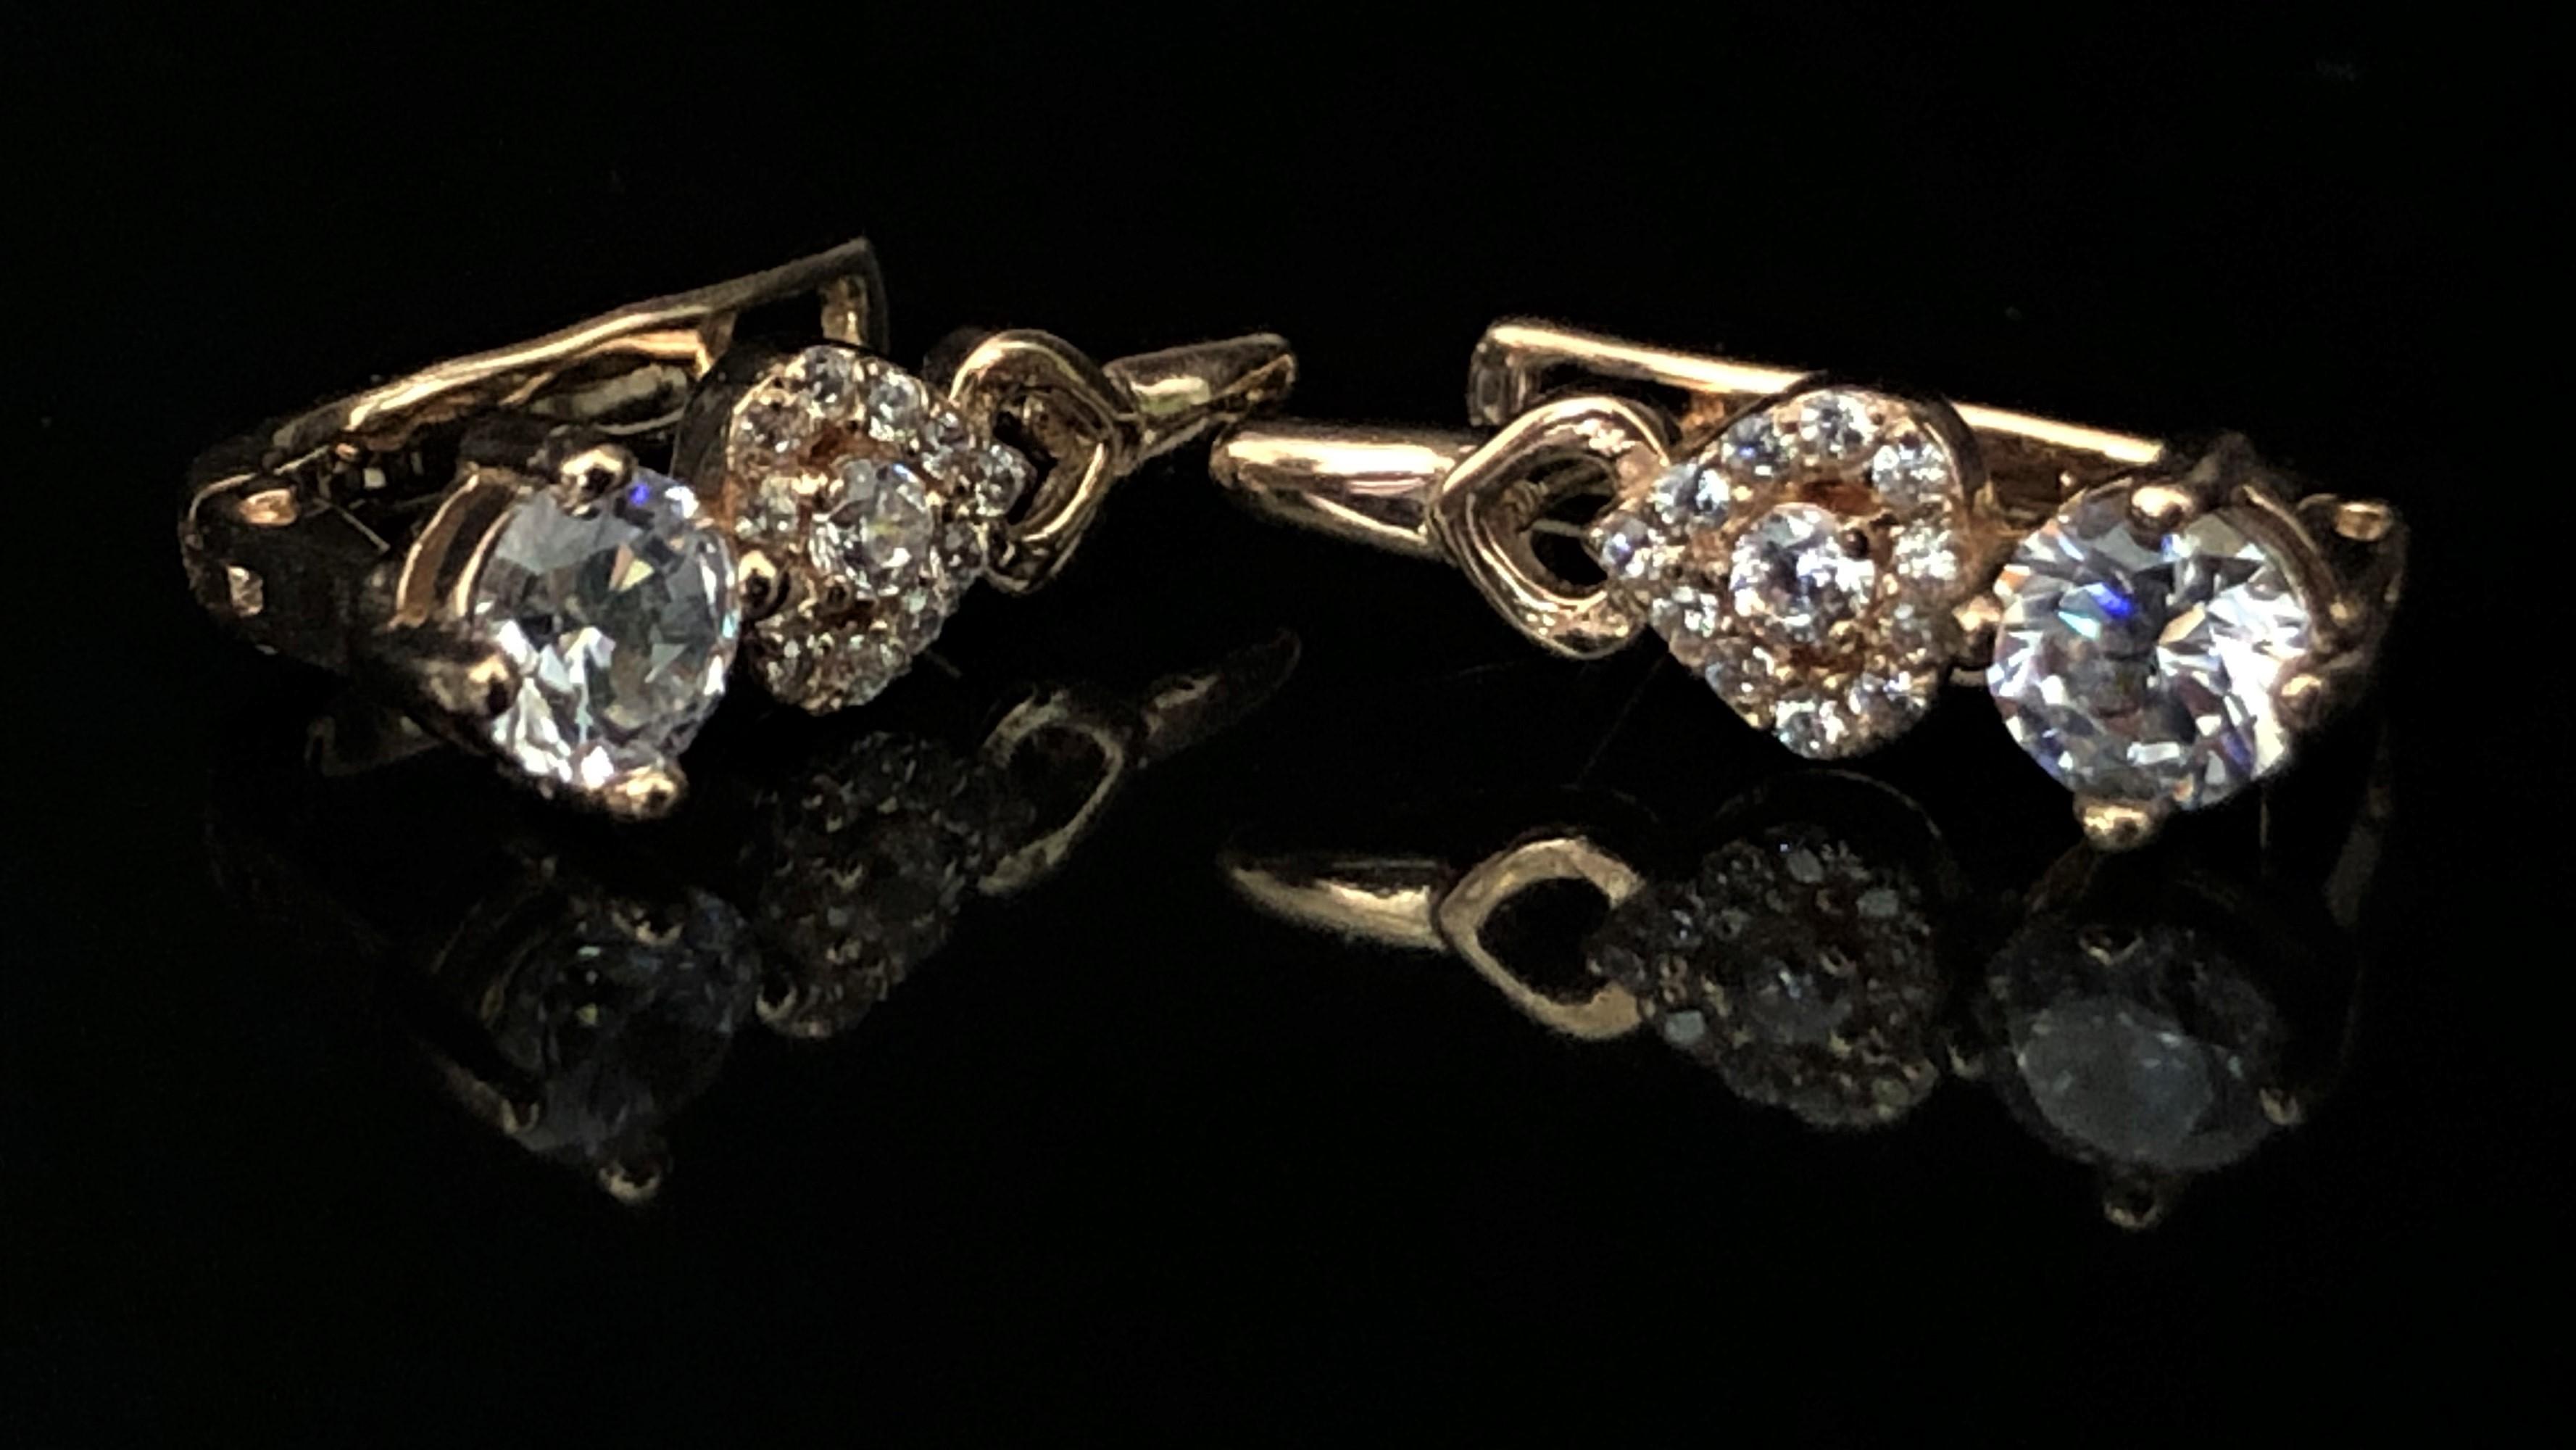 Королевские Золотые серьги по цене производителя Киевголд